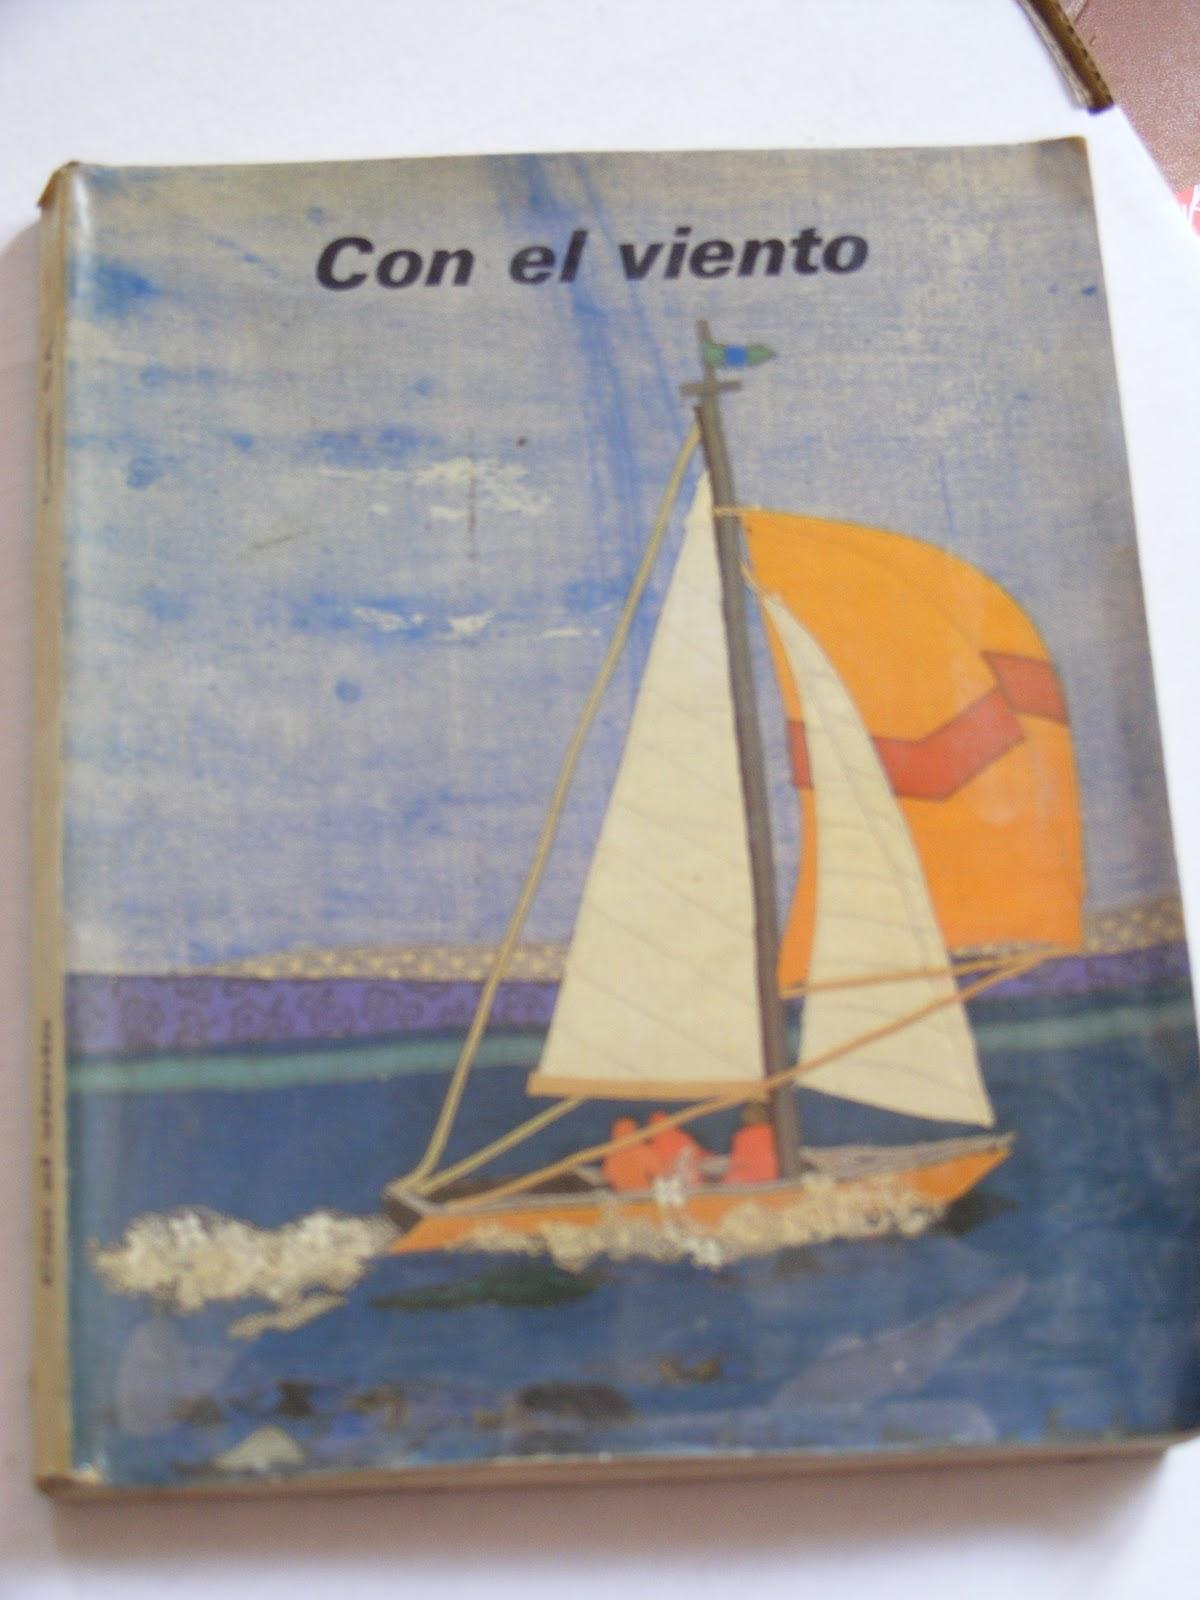 Trastos y enredos con el viento - Libreria casona aviles ...